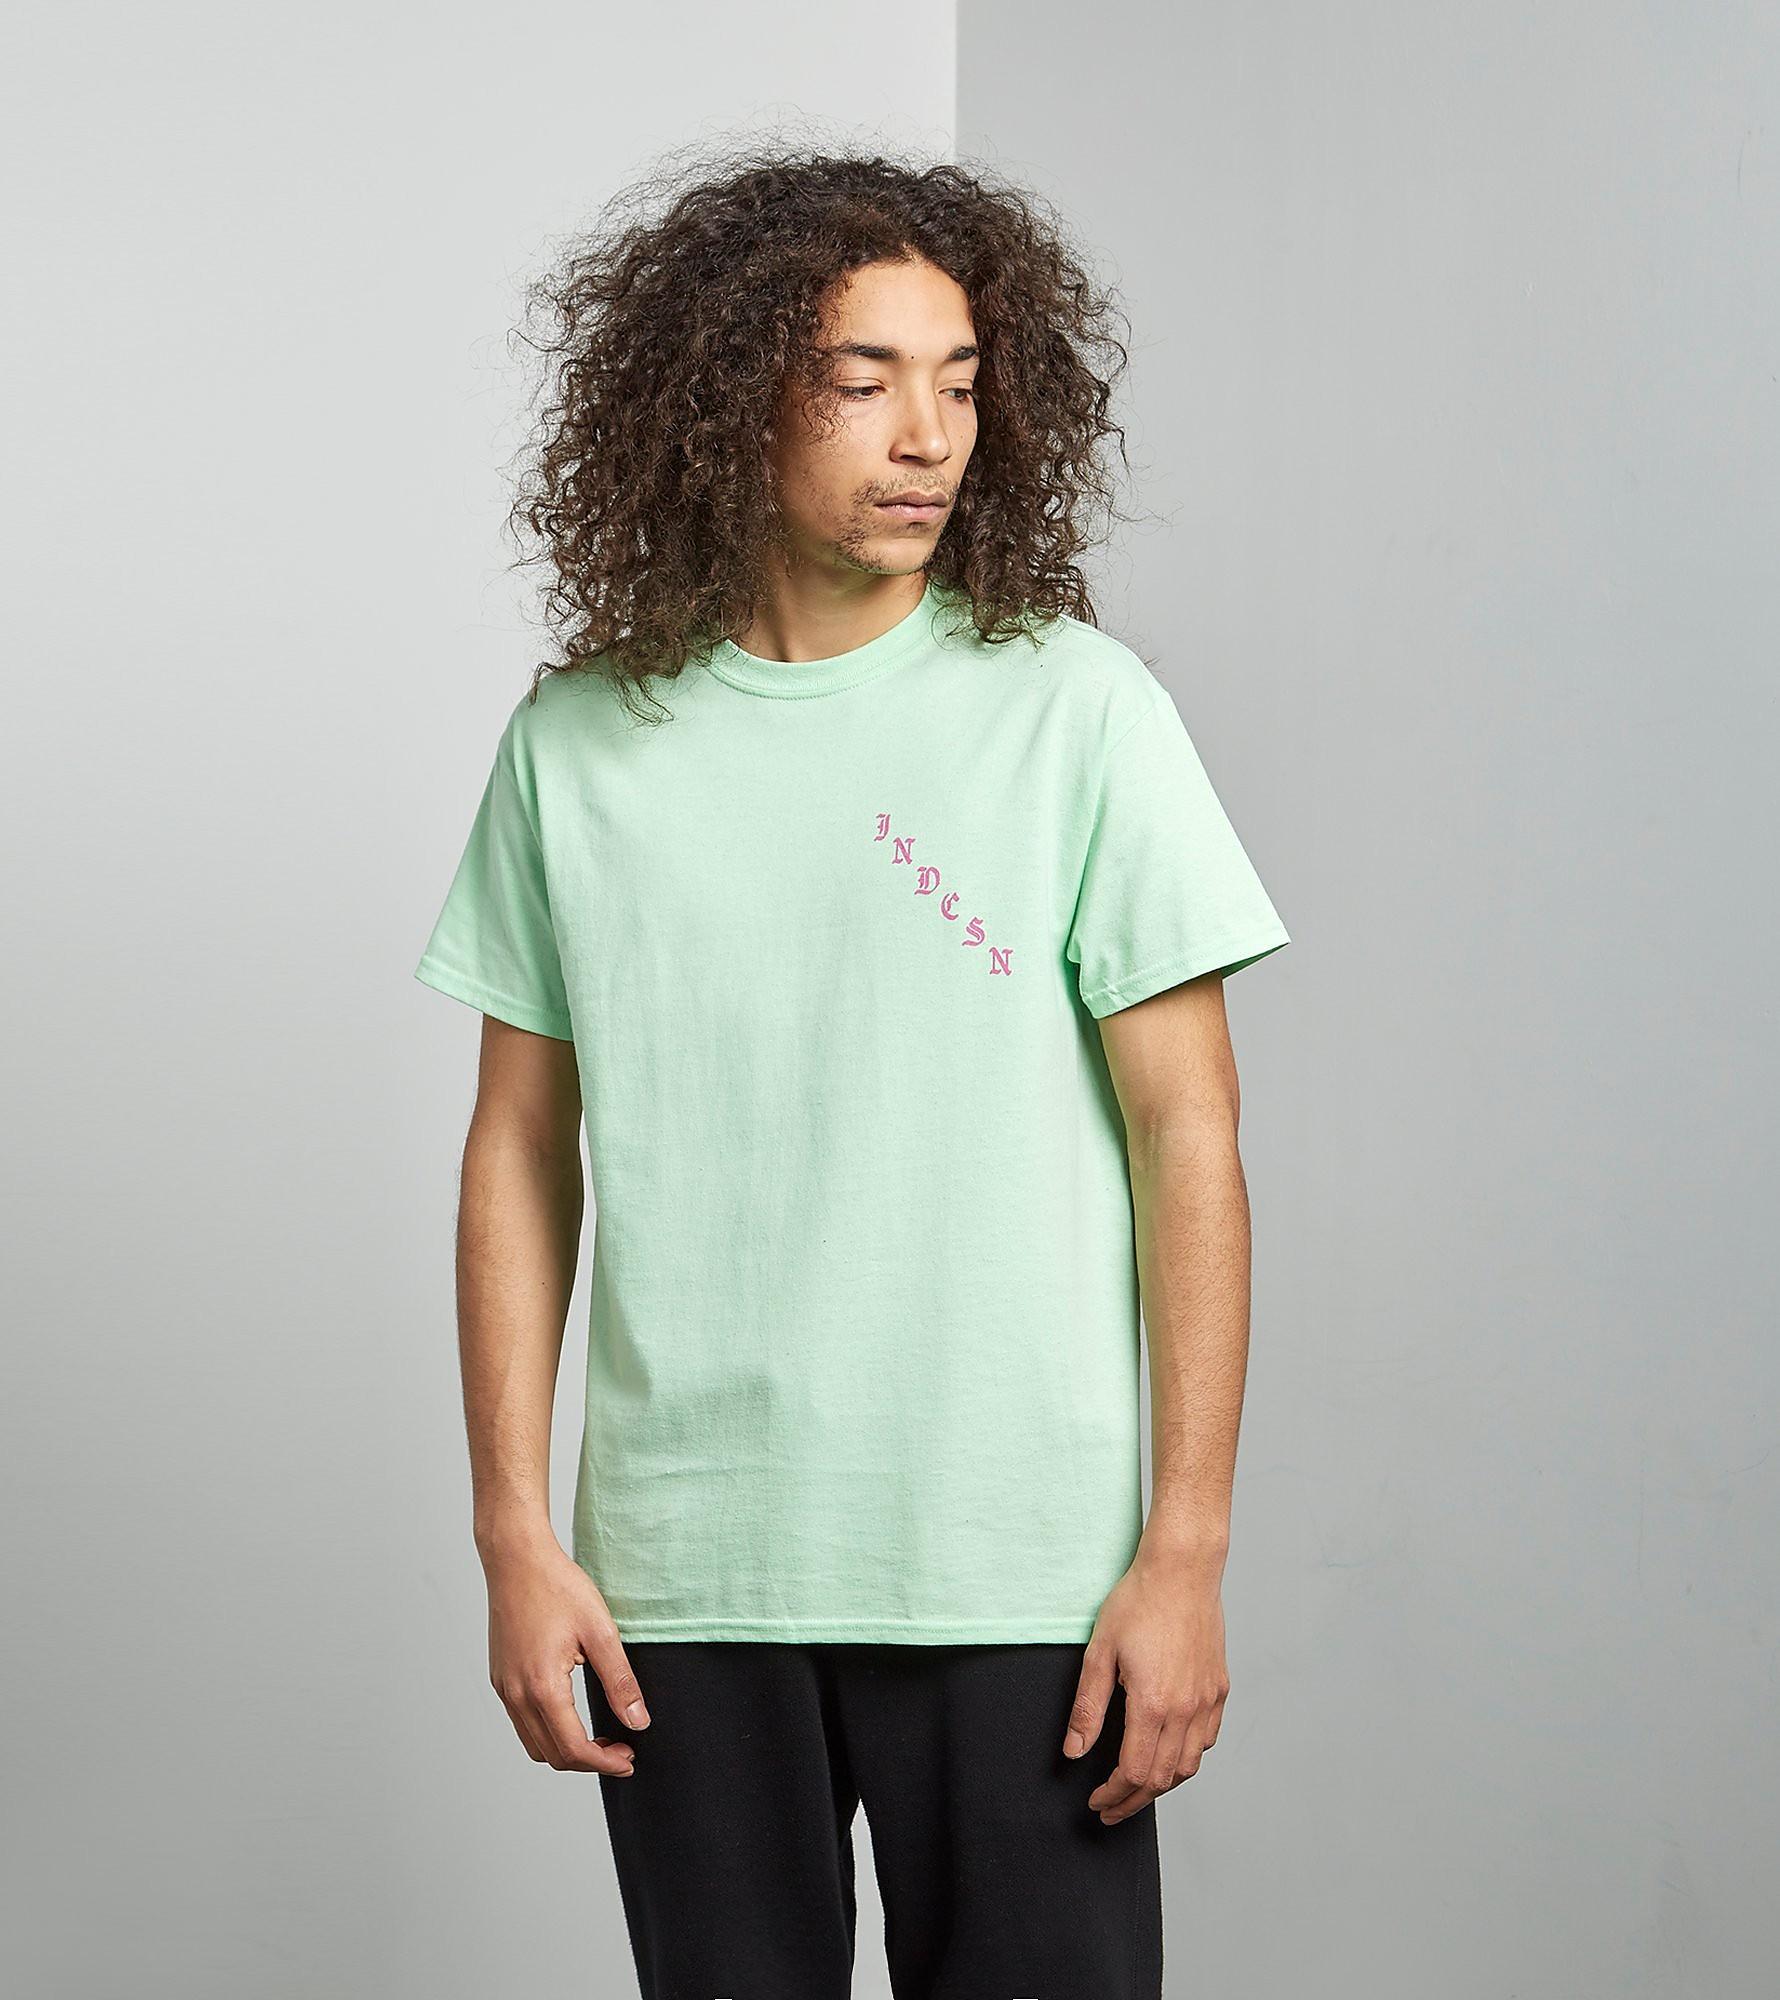 indcsn My Heart T-Shirt